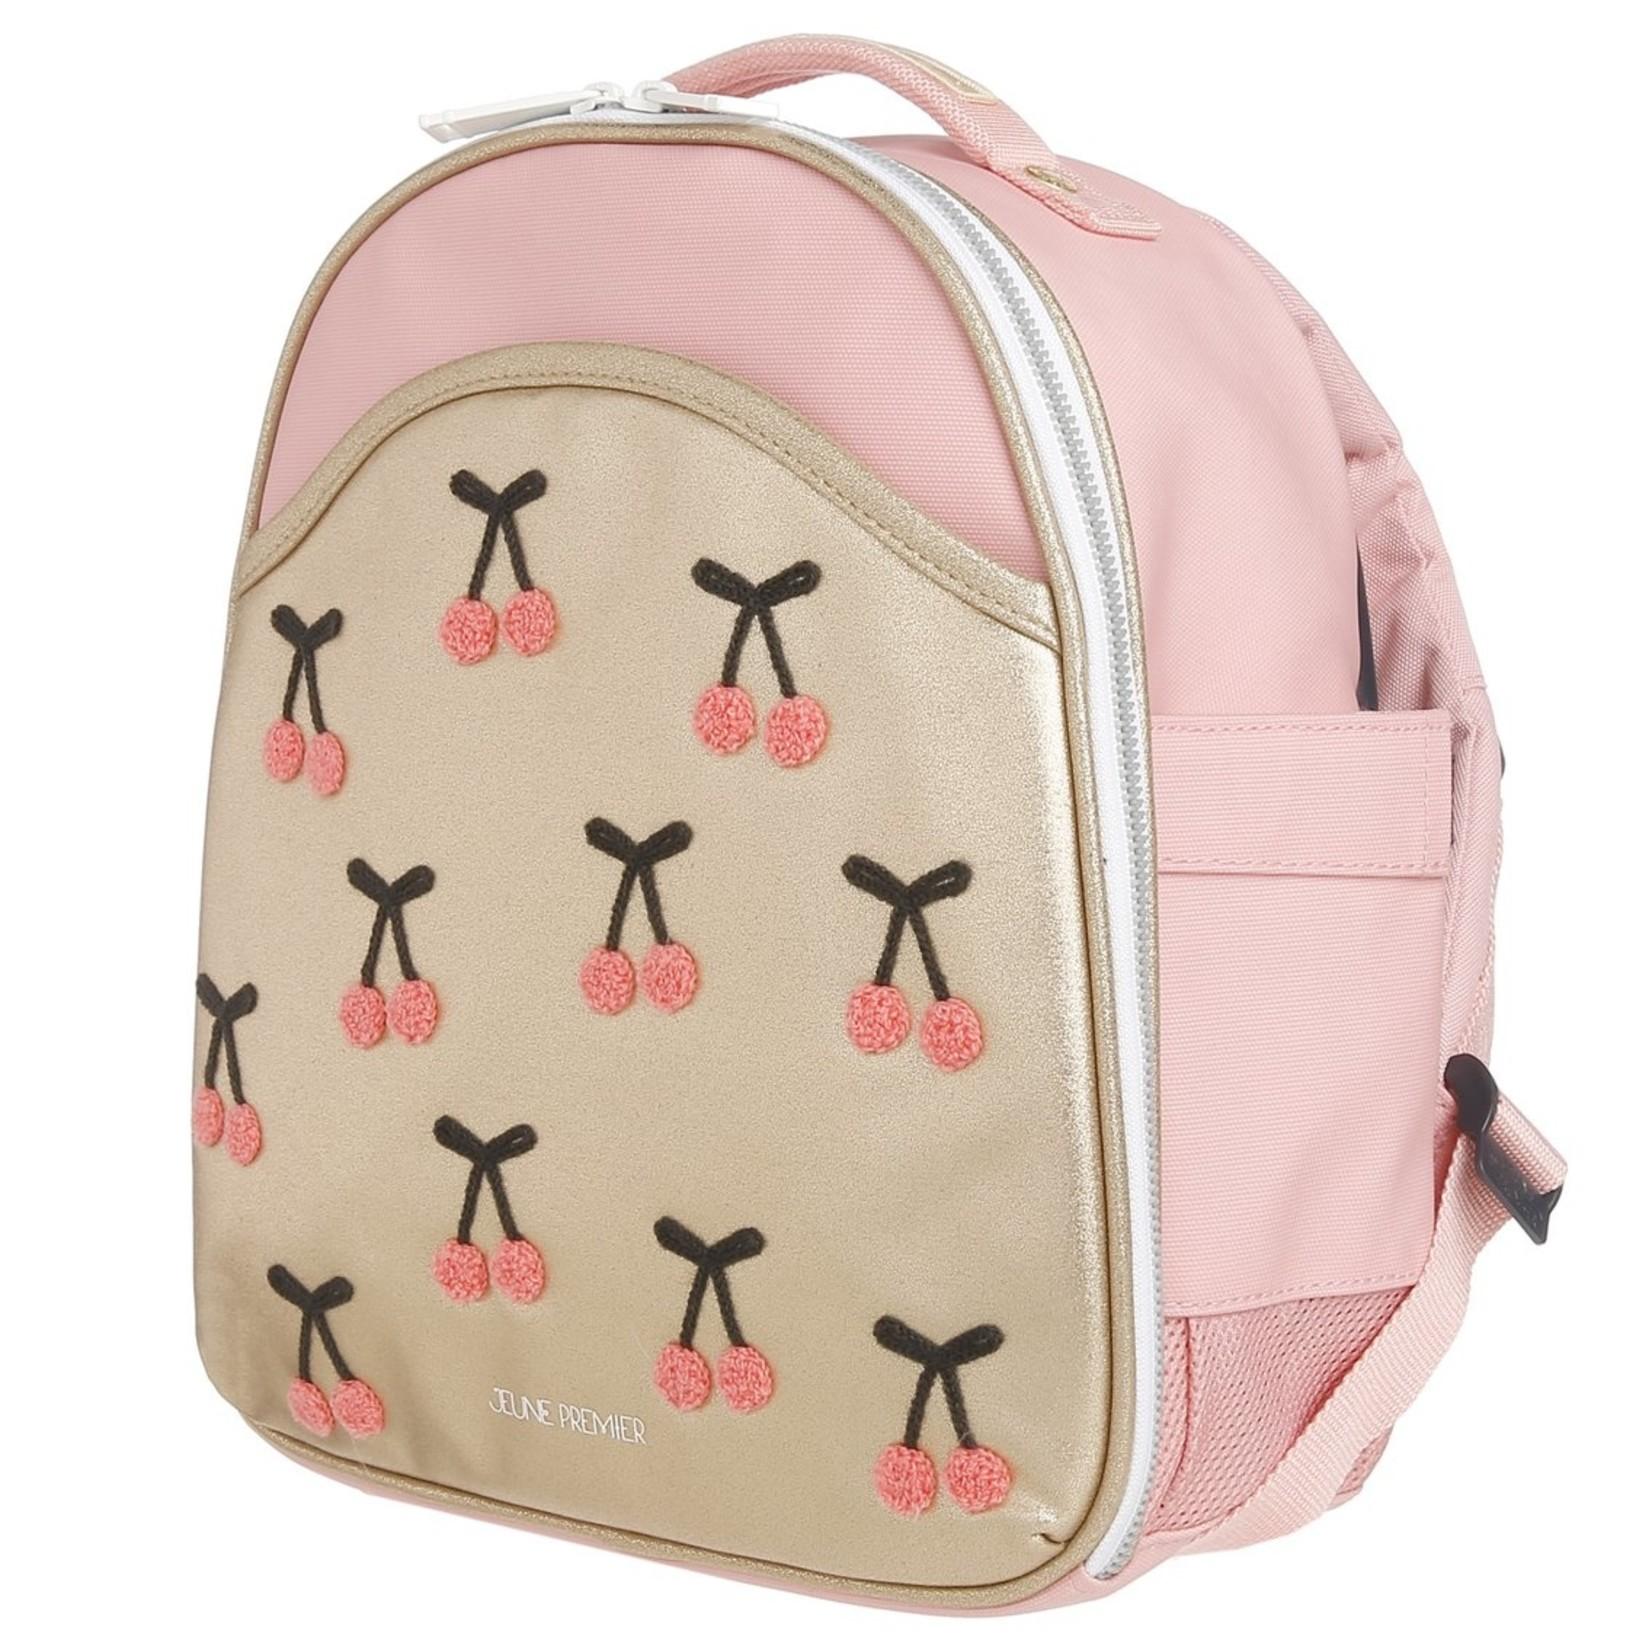 Jeune Premier Backpack Ralphie Cherry Pompon